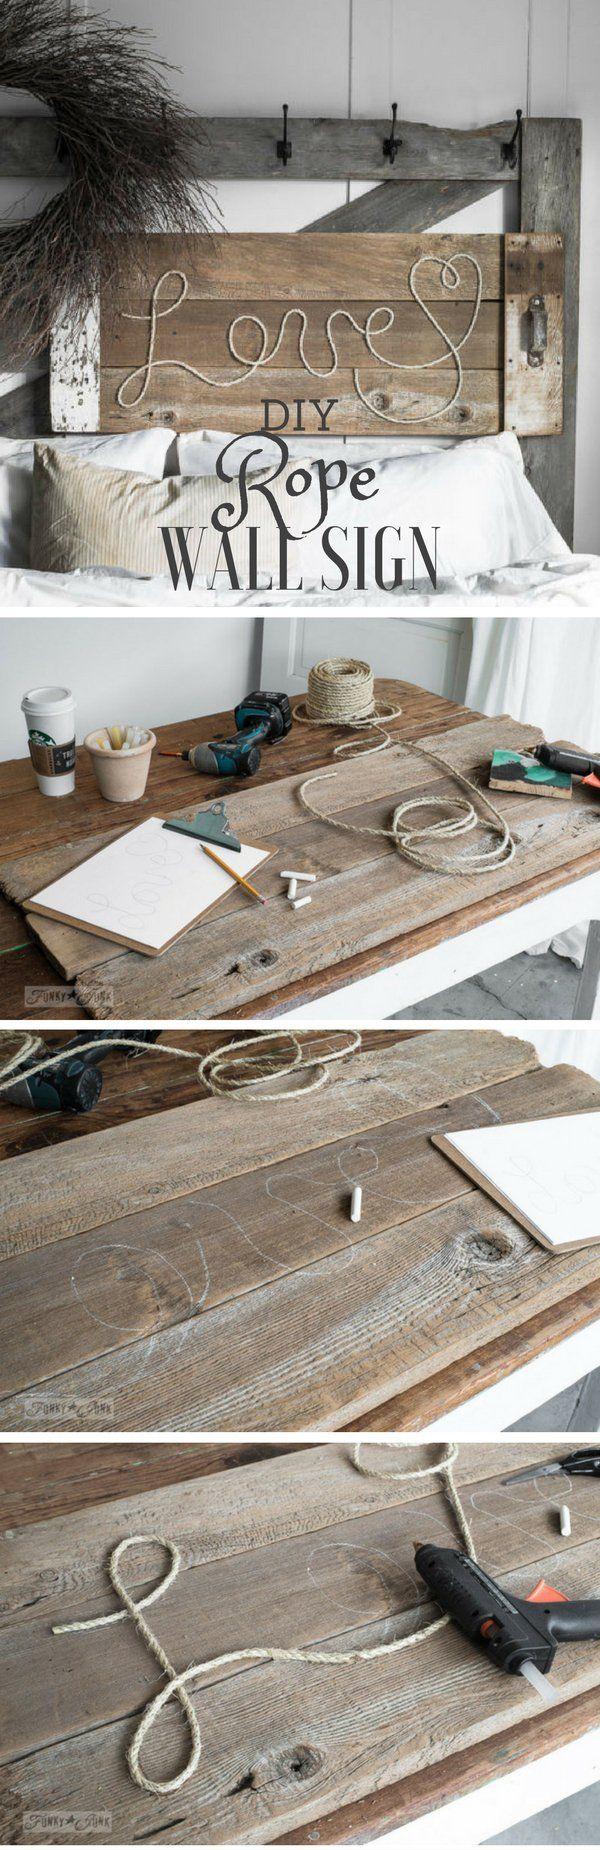 15 DIY Tricks for Home Decor